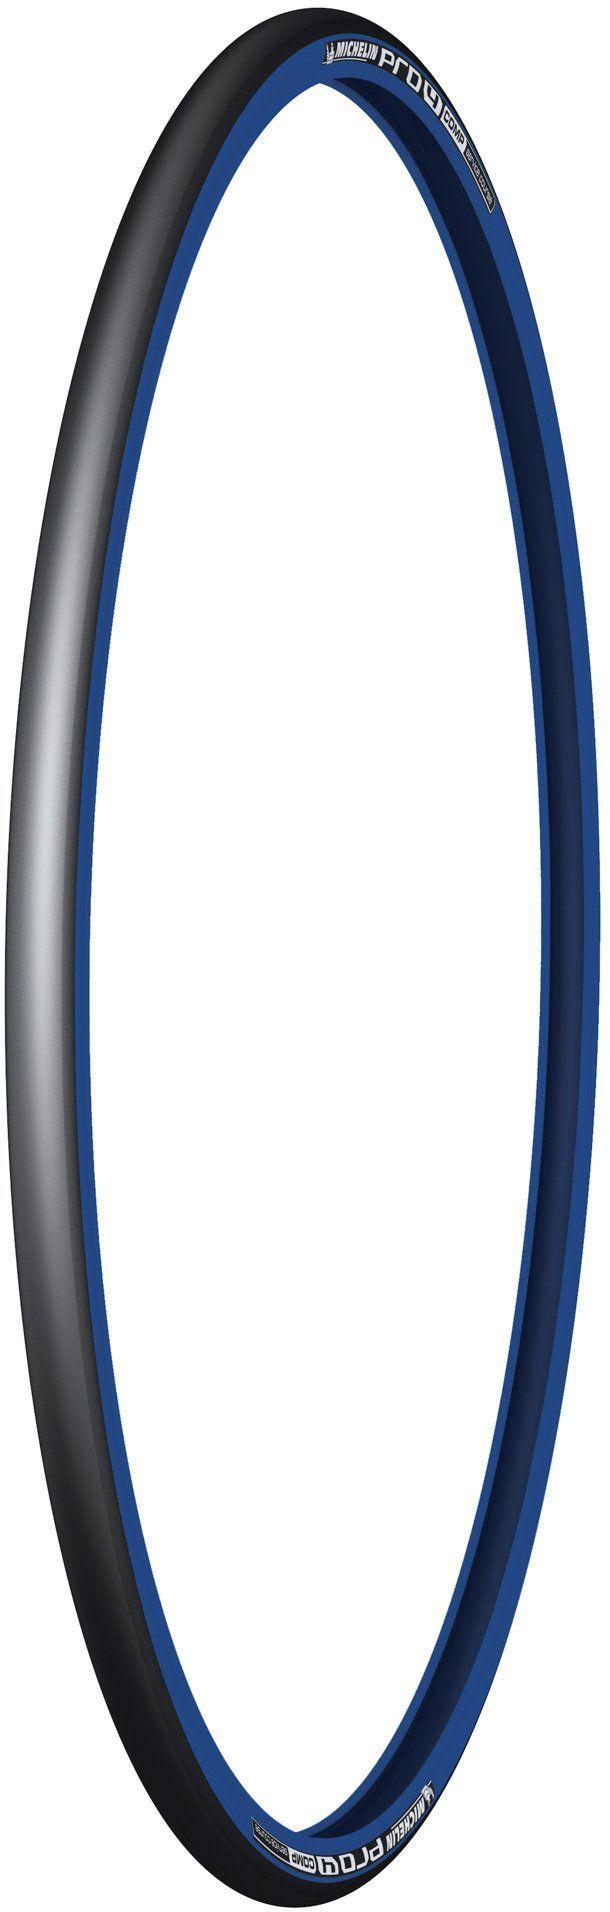 Michelin Pro4 Service Race Edition 2015 opona do roweru szosowego, koralik, 700 x 23 C, kurs serwisowy Pro4, czarny/niebieski, 700 x 23C